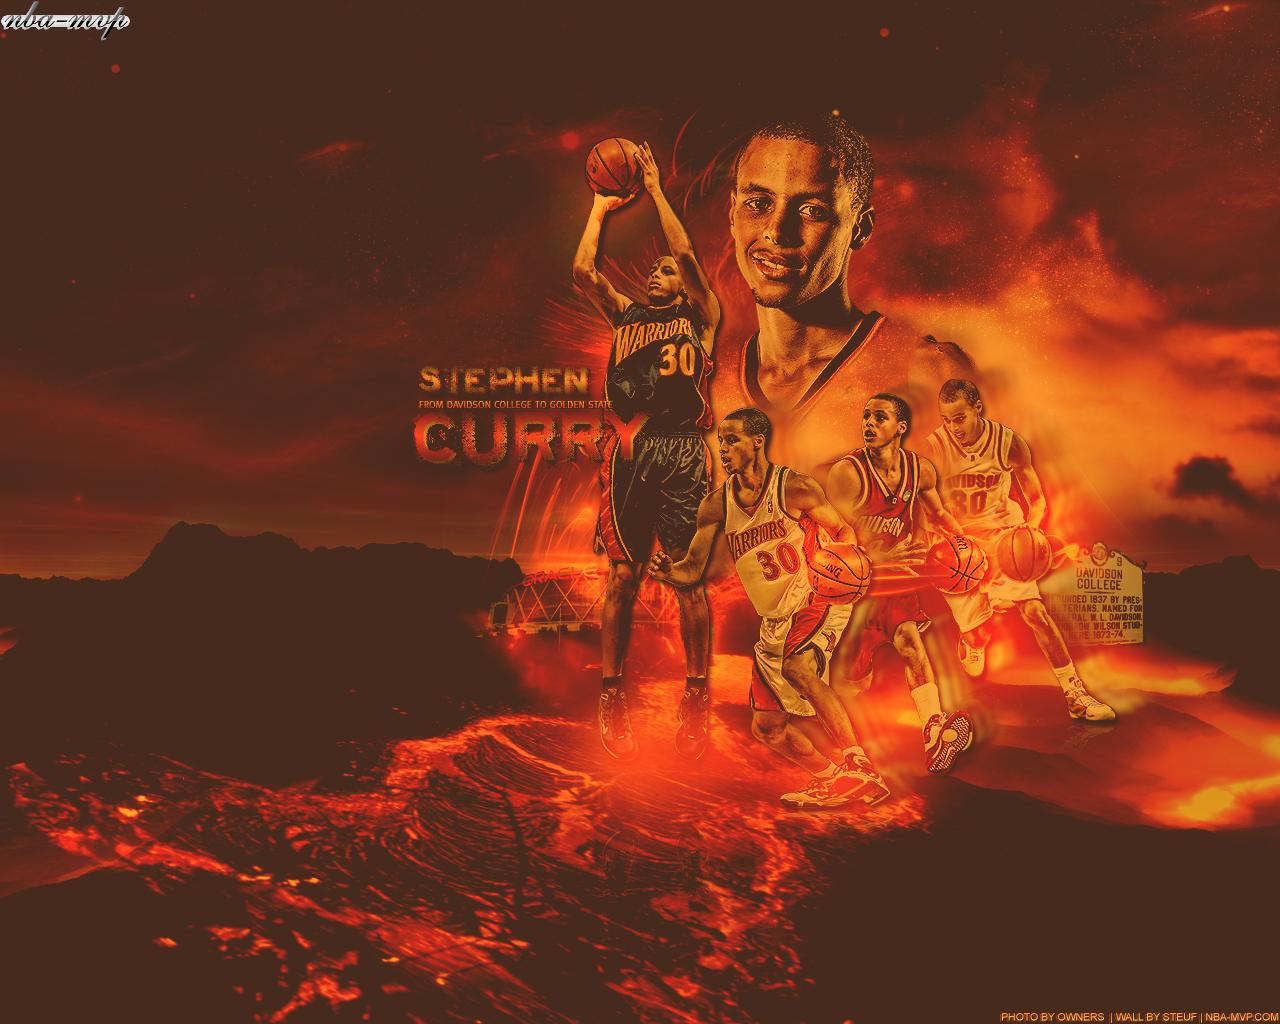 Stephen Curry Basketball   Hot Girls Wallpaper 1280x1024